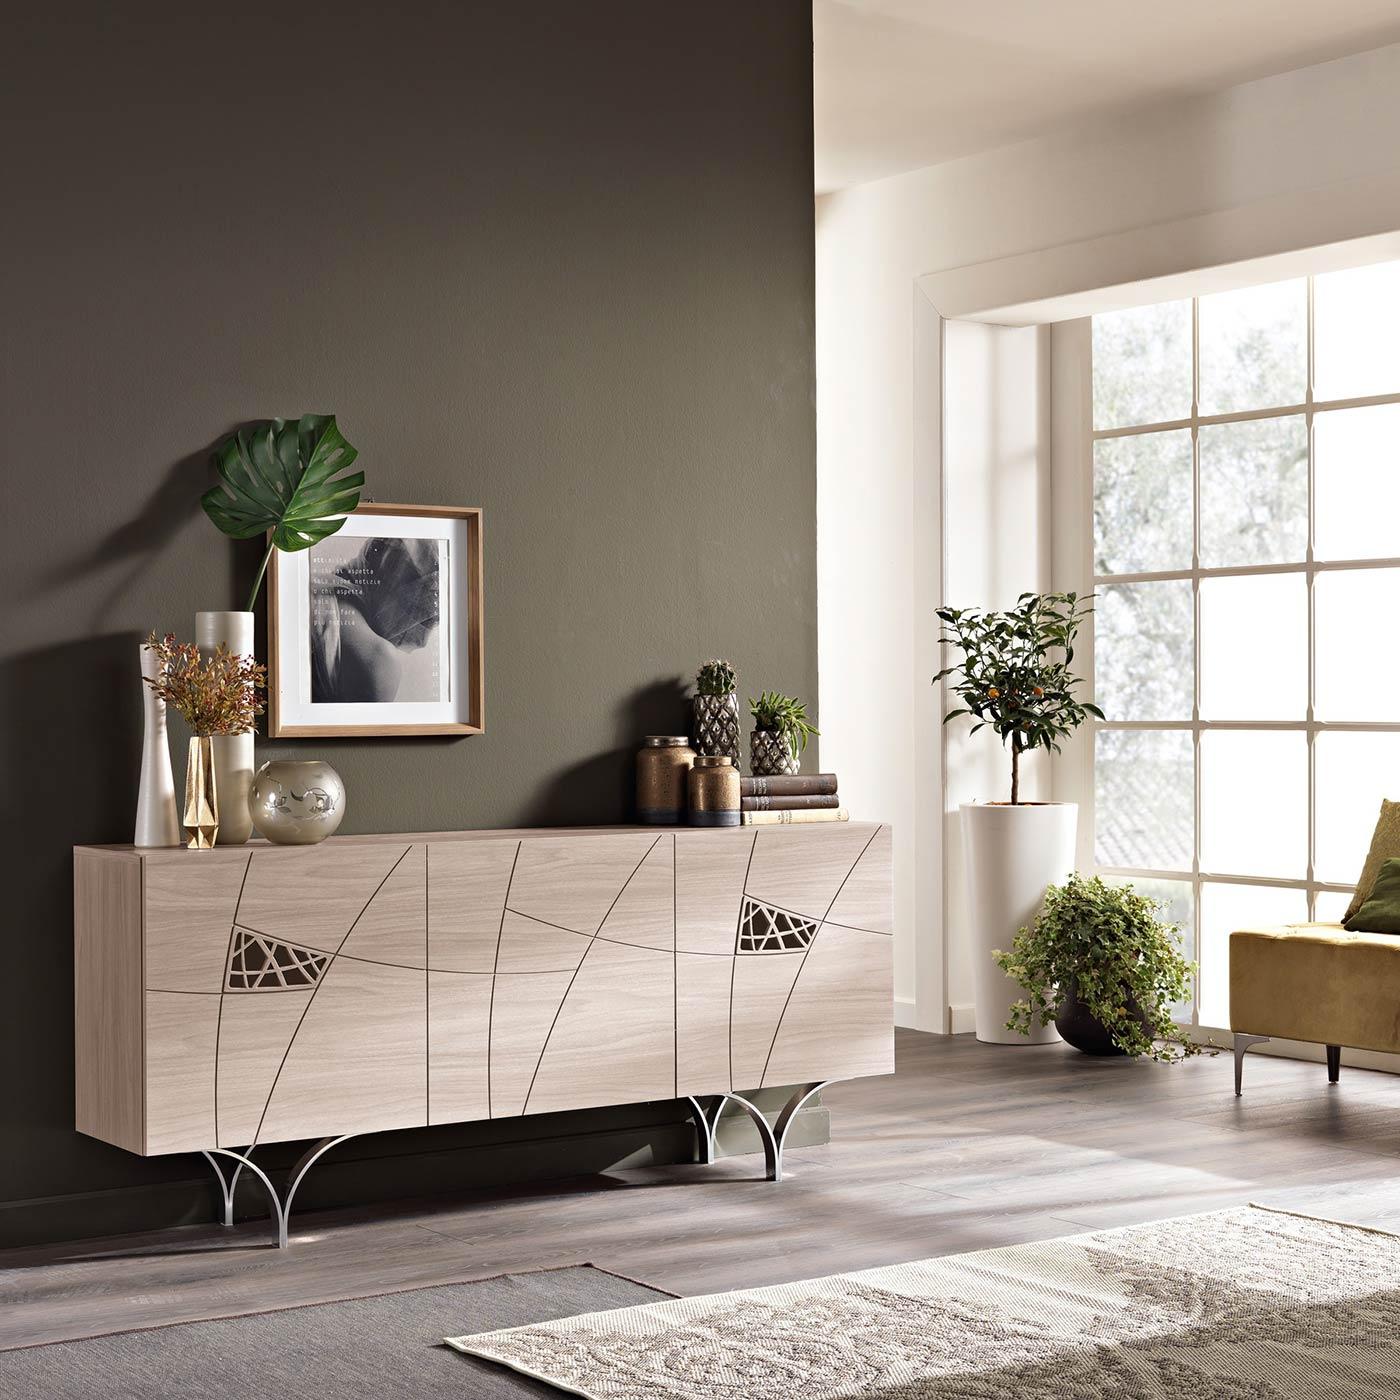 Arredamento soggiorno moderno modello lapis spar for Modelli di soggiorni moderni